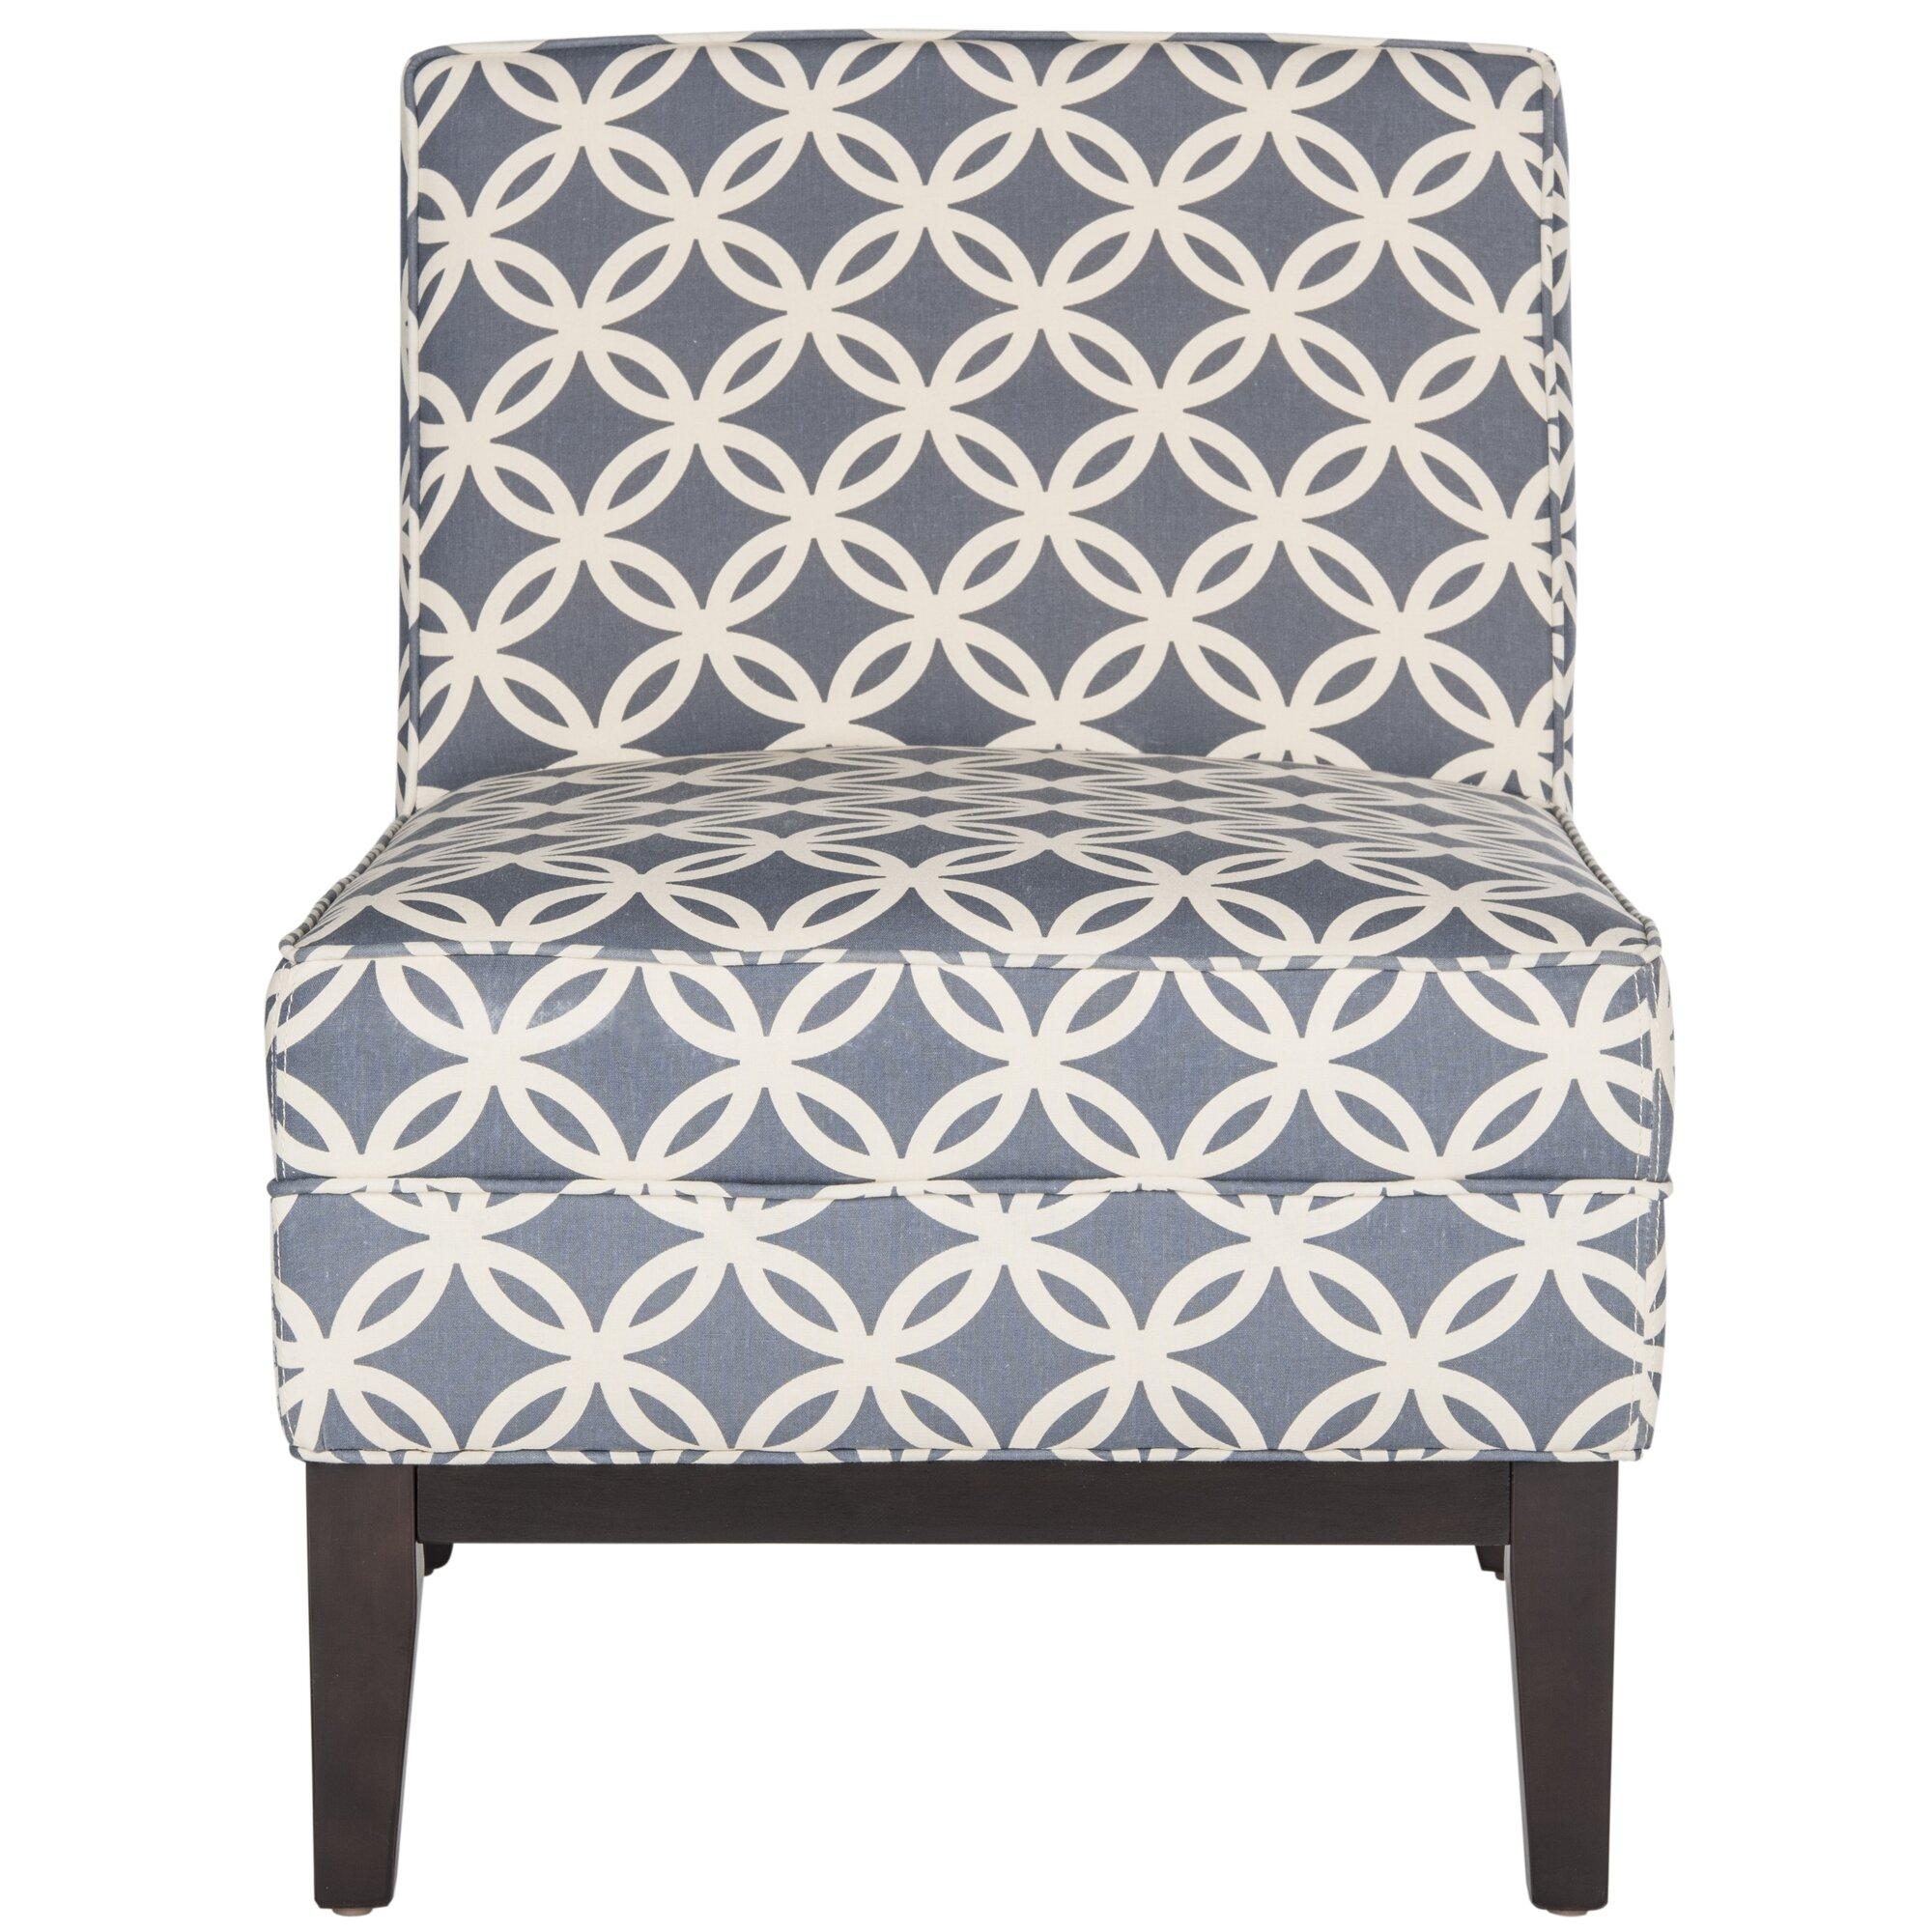 brayden studio mayberry blue slipper chair  reviews  wayfair - mayberry blue slipper chair